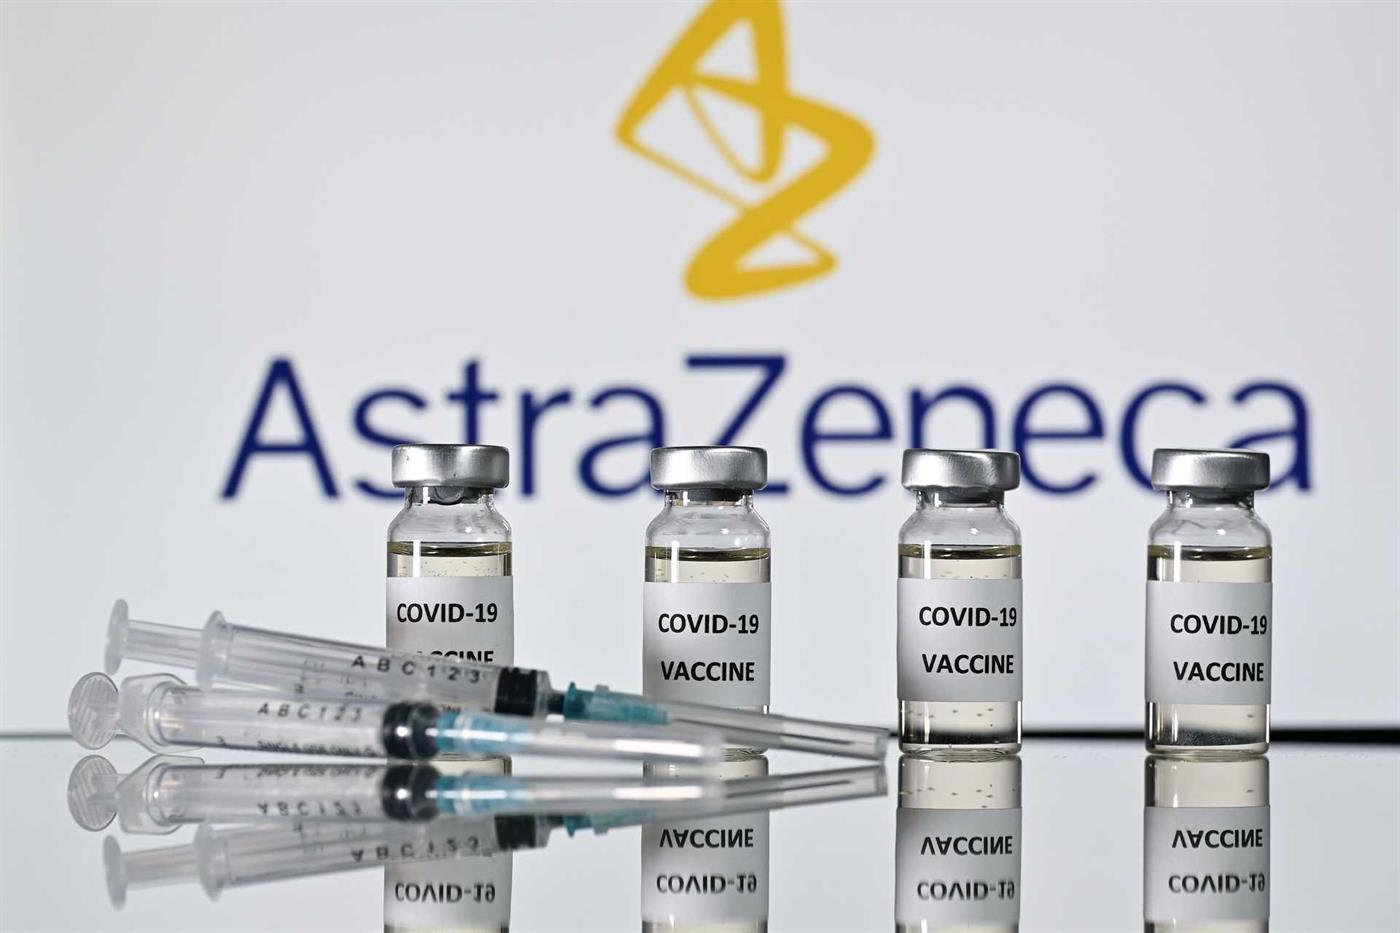 Agência europeia reitera segurança da vacina da AstraZeneca e analisa casos de coágulos